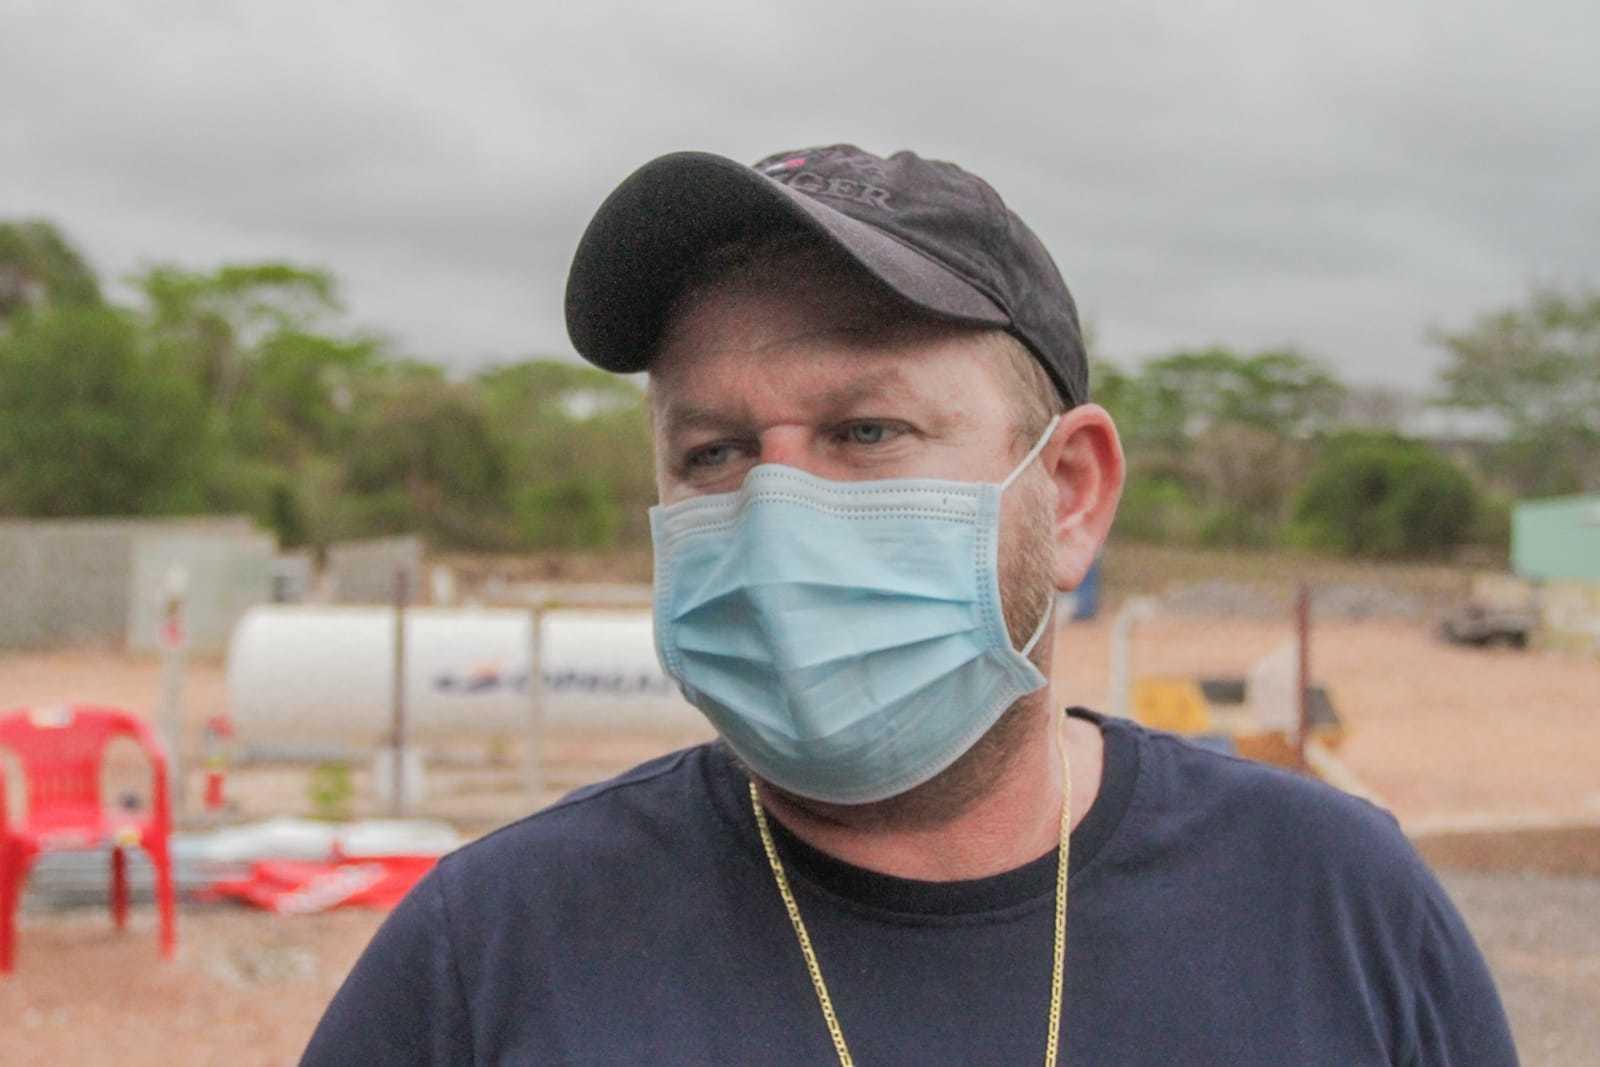 Joel se mudou de Santa Catarina para Ribas e investe em alojamento industrial. (Foto: Marcos Maluf)